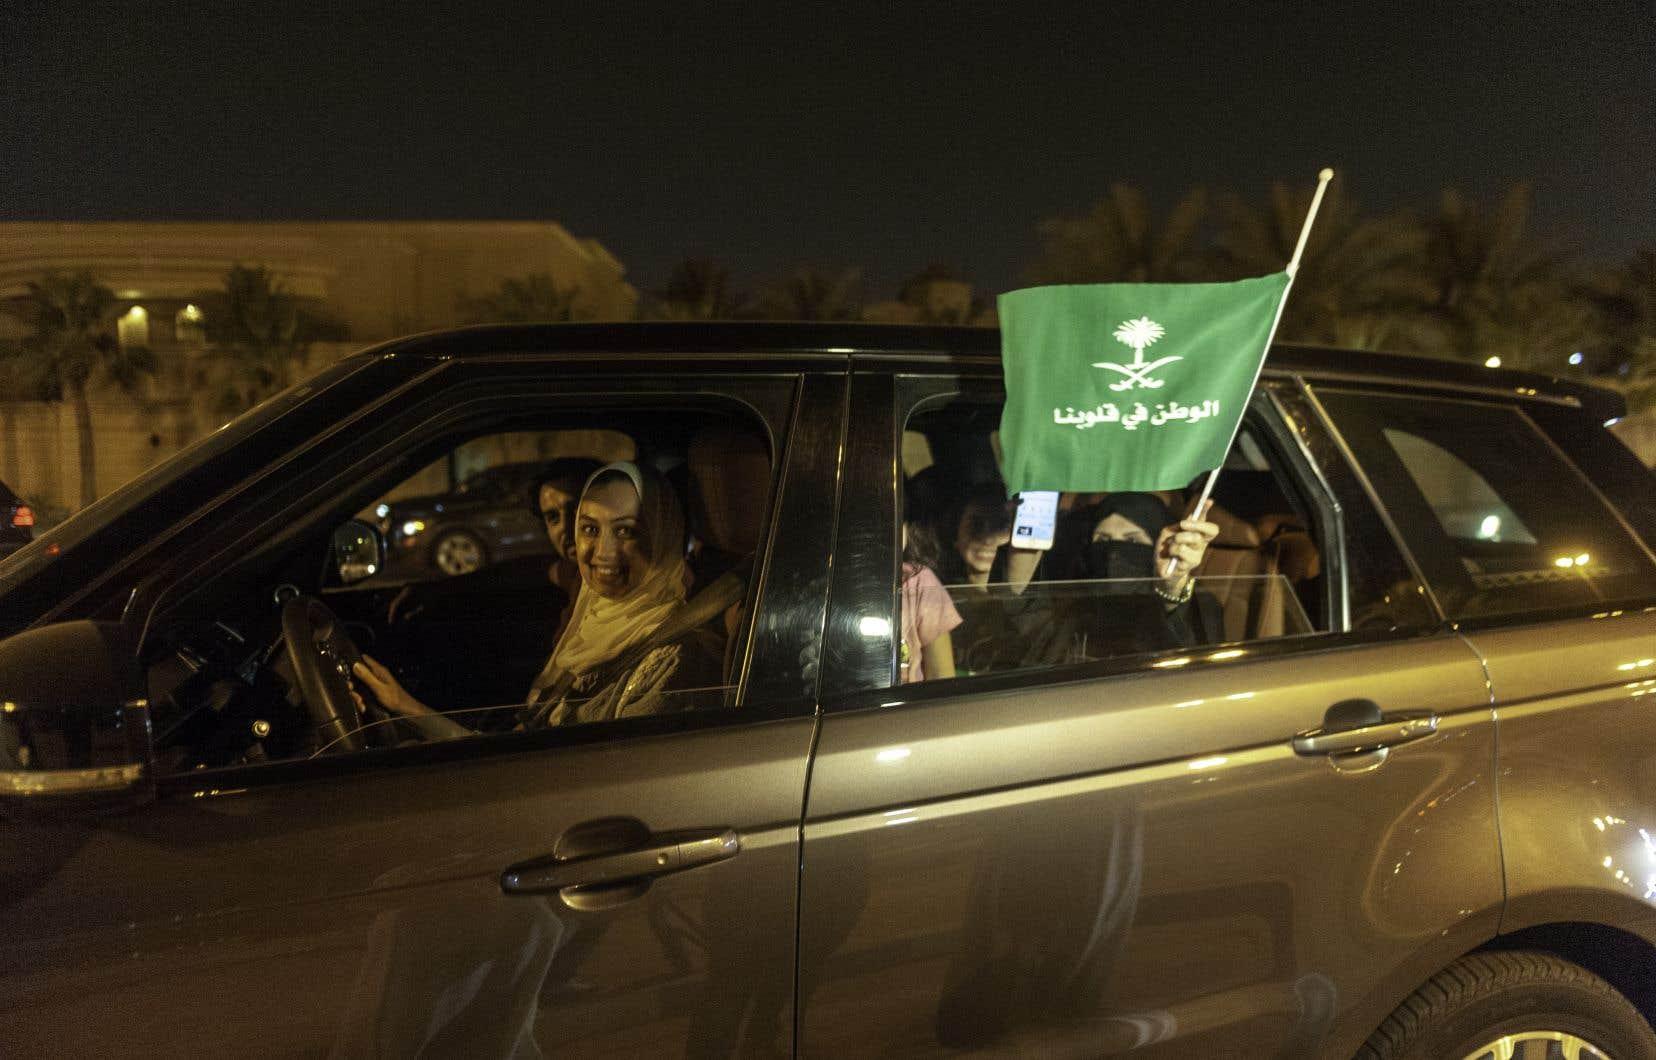 Aussitôt après l'expiration de l'interdiction, des femmes ont commencé dans la nuit à sillonner au volant les avenues brillamment éclairées de la capitale Ryad.